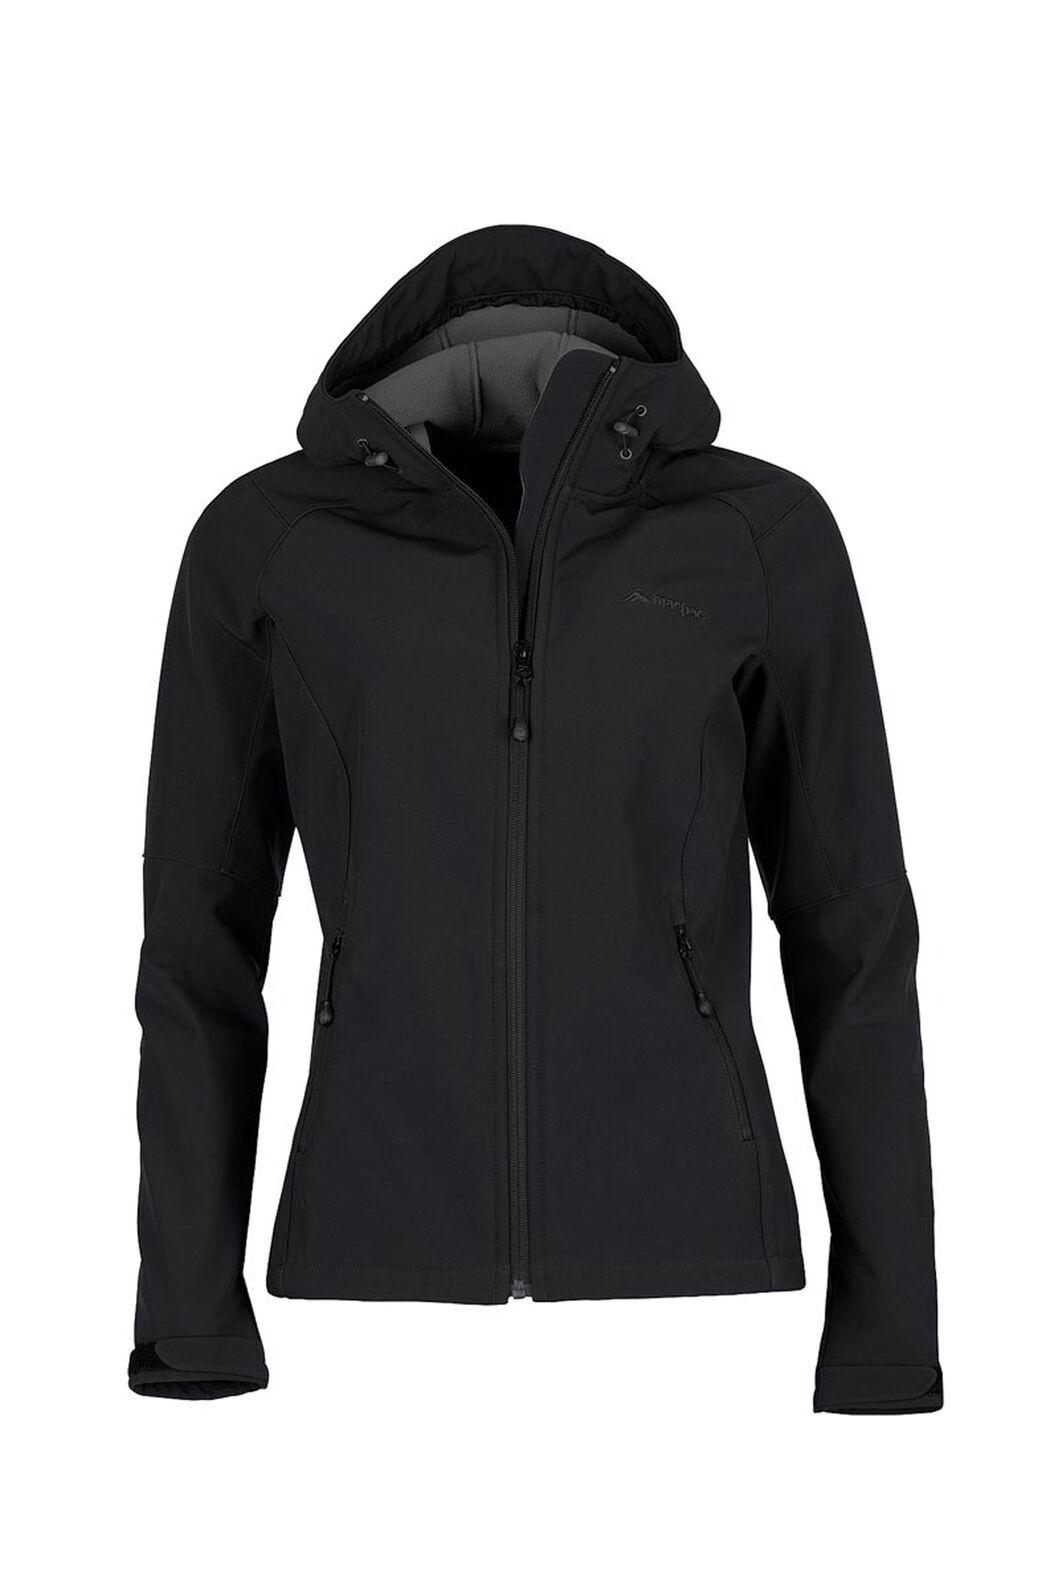 b0e97fa3 Macpac Sabre Hooded Softshell Jacket - Women's, Black, ...